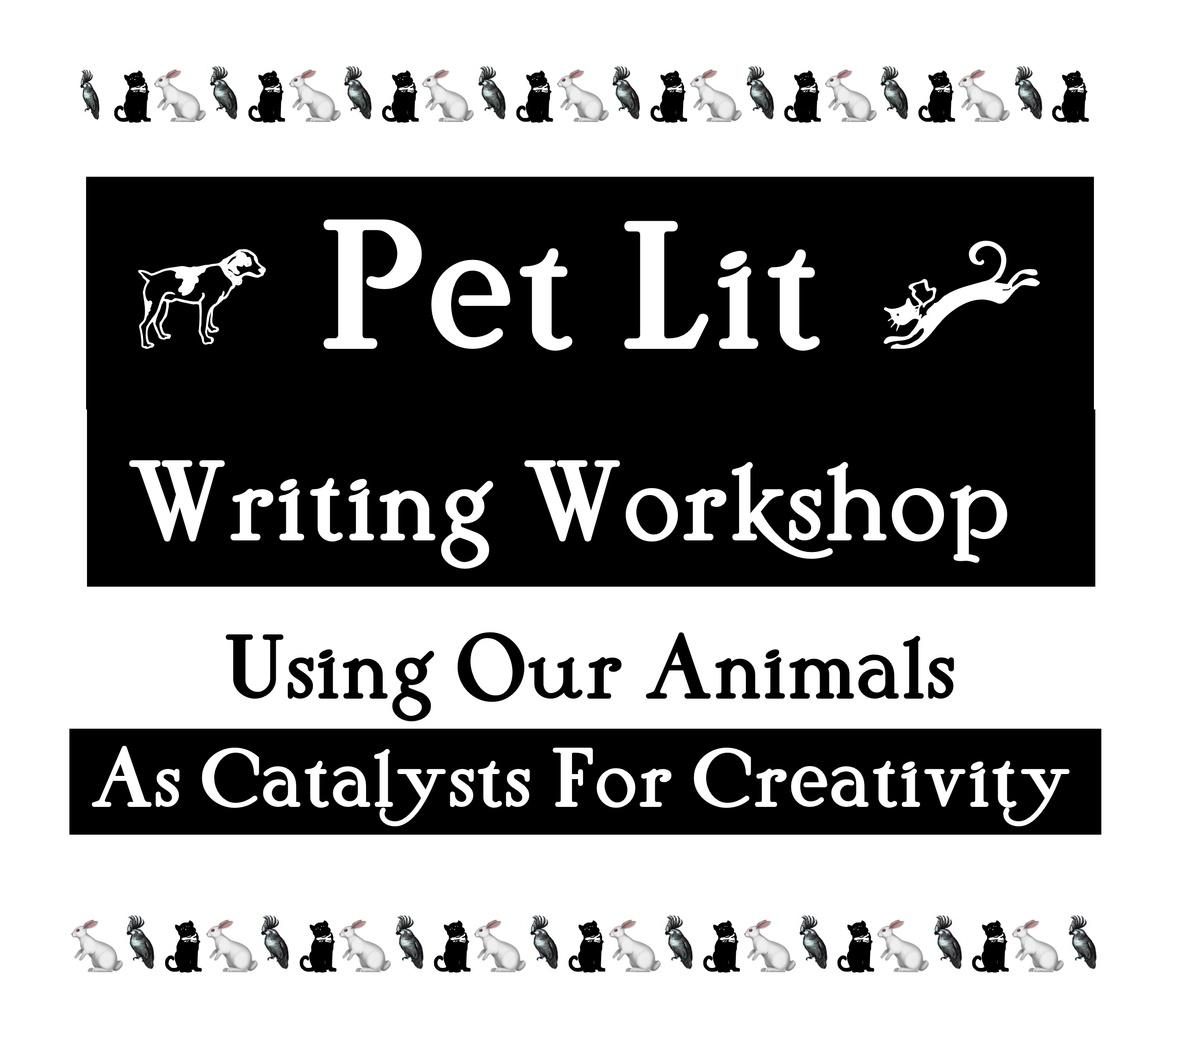 Rev. Pet Lit Writing Workshop for Newsletter